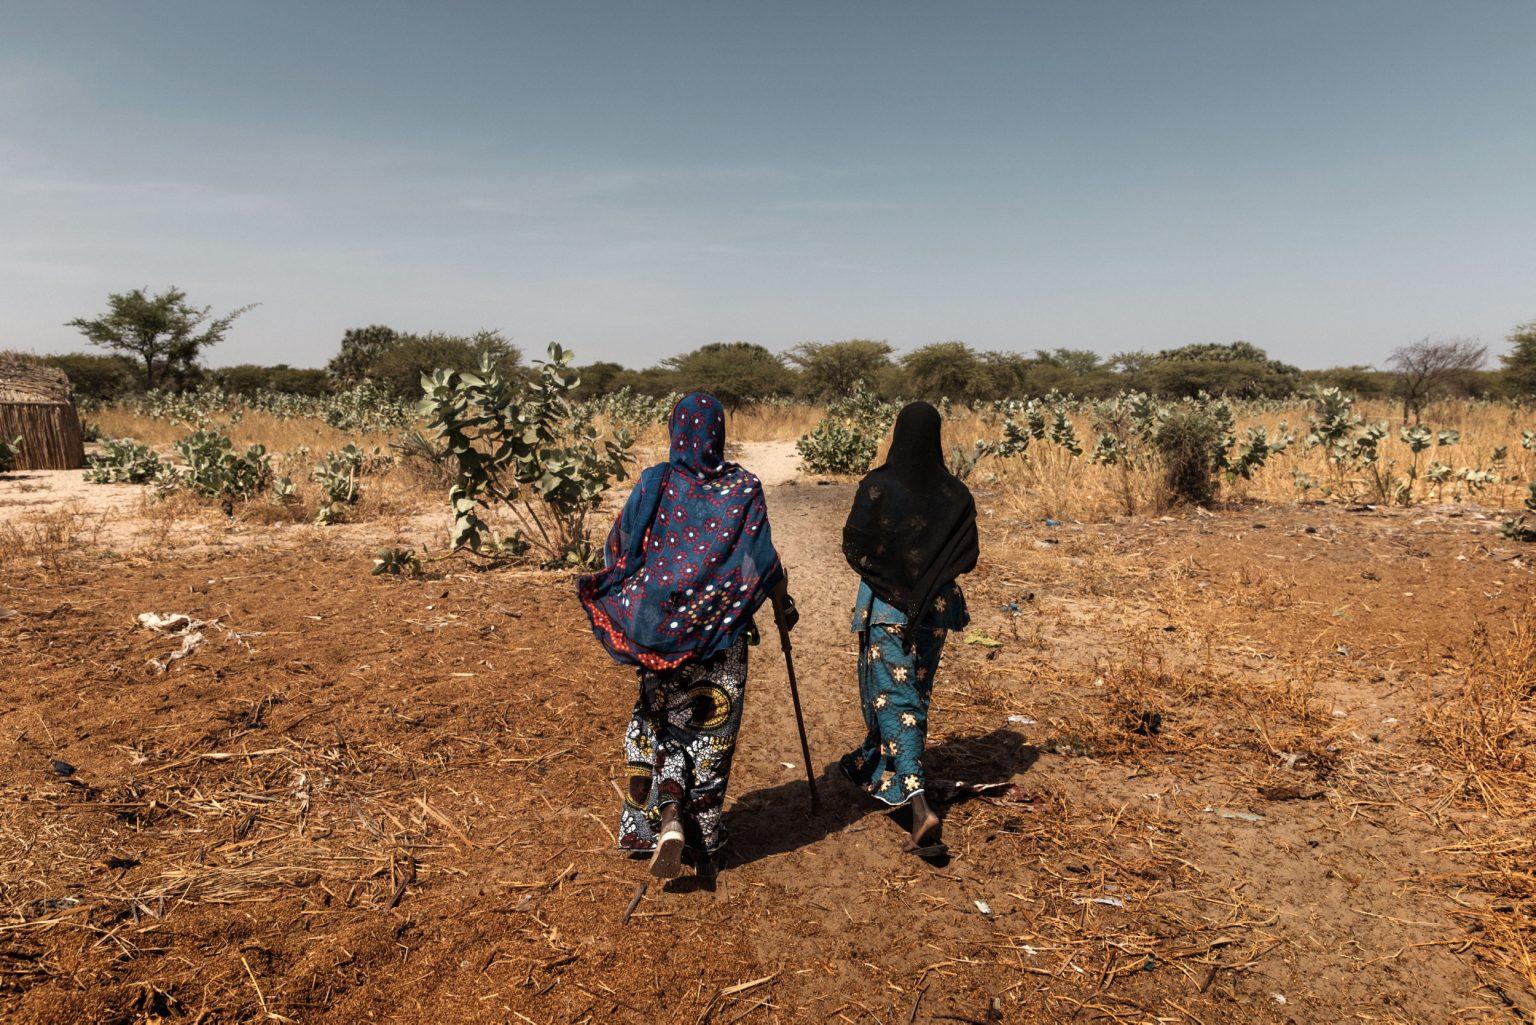 Africa, Chad, Gomirom Domouli, October 2018 - Halima Adama, a former member of Boko Haram terrorist group. Halima is a kamikaze who survived a suicide attack she carried out herself. This young woman, now aged 20, was forced into carrying out this suicide mission at the age of just 18. She did not die in the explosion, but she lost both of her legs, and has now returned to live with her family in the village of Gomirom Domouli. >< Africa, Ciad, Gomirom Domouli, Ottobre 2018 - Halima Adama, una ex membra del gruppo terroristico Boko Haram. Halima è una kamikaze che è sopravvissuta all?attacco suicida compiuto da lei stessa. Questa giovane donna, che ora ha 20 anni, è stata costretta a compiere questa missione suicida all?età di 18 anni. Non è morta nell?esplosione ma ha perso entrambe le gambe ed è tornata ora a vivere con la sua famiglia nel villaggio di Gomirom Domouli. *** SPECIAL   FEE   APPLIES *** *** Local Caption *** 01362925